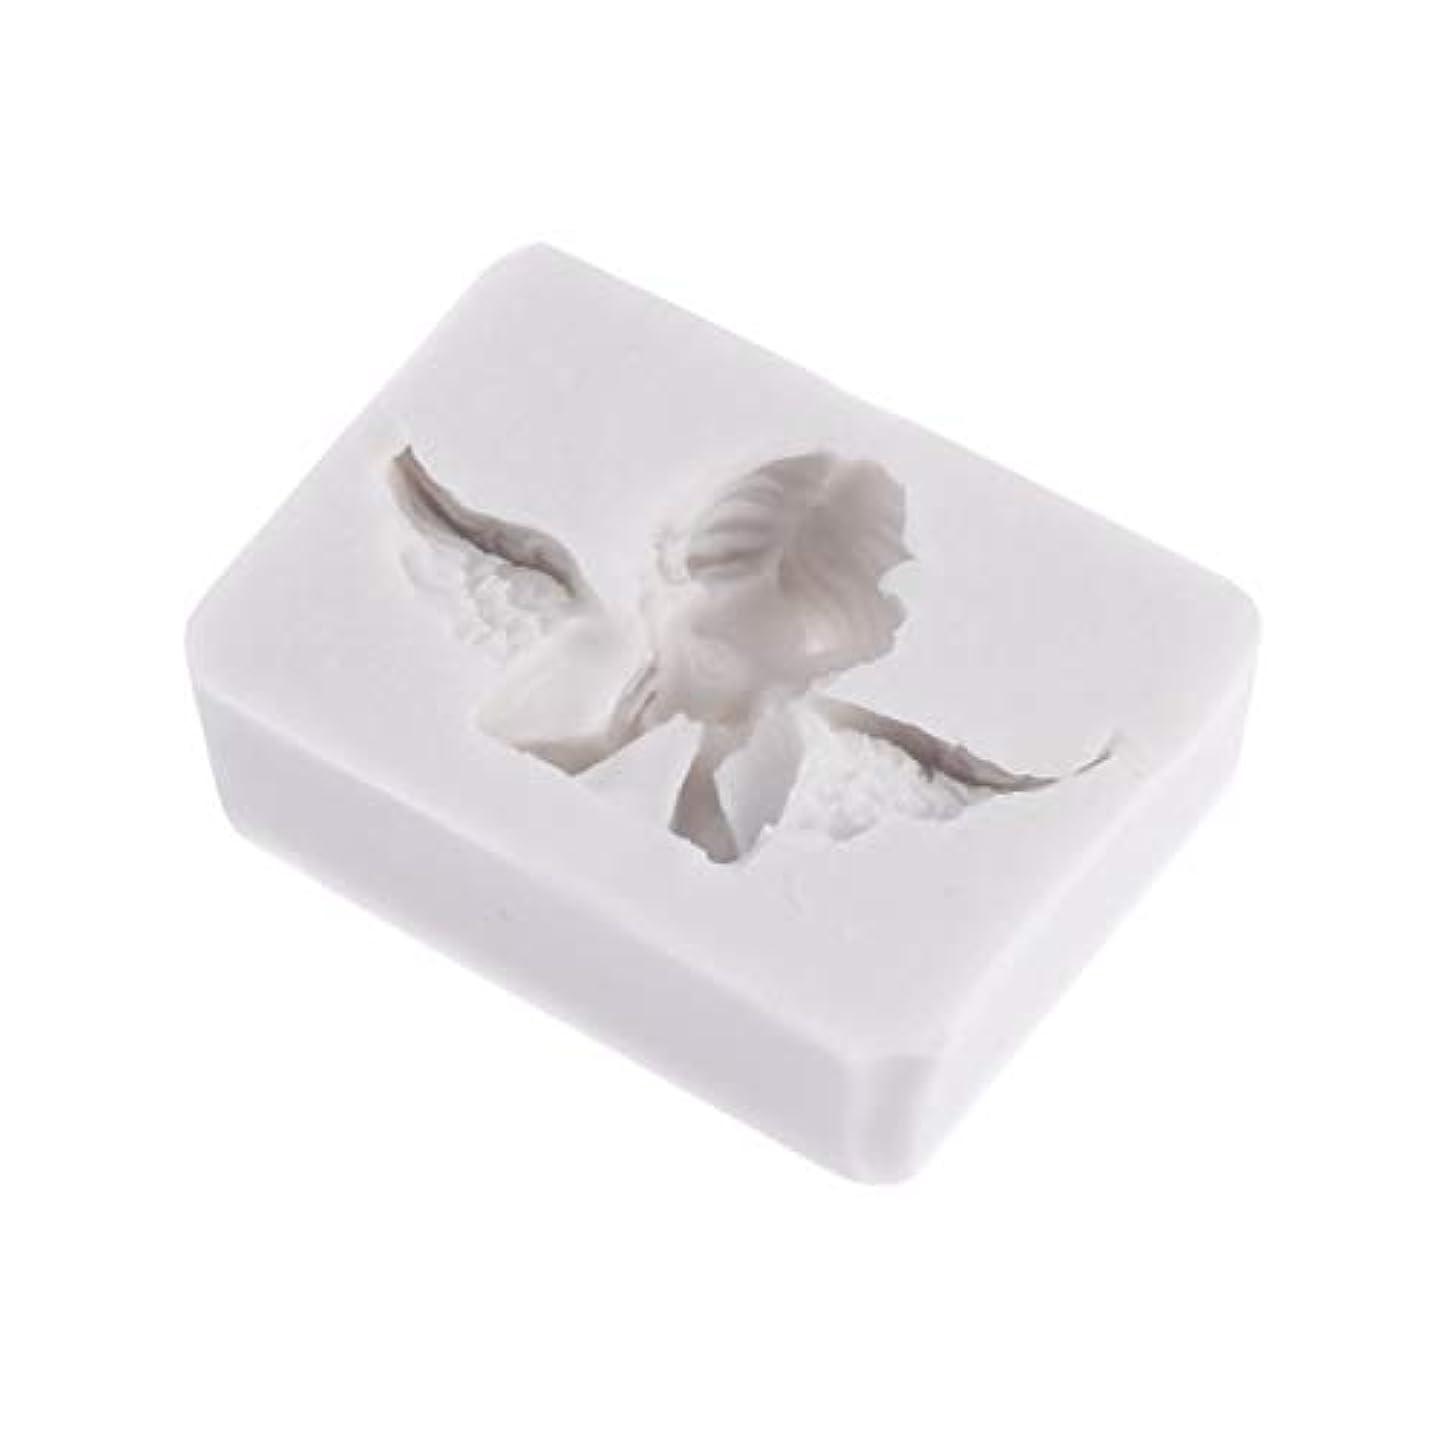 ウィンクスクレーパー教義SUPVOX 3Dエンジェル型金型シリコンキャンドルソープチョコレートクレイ彫刻工芸ケーキ型飾るアートツール(ライトグレー)